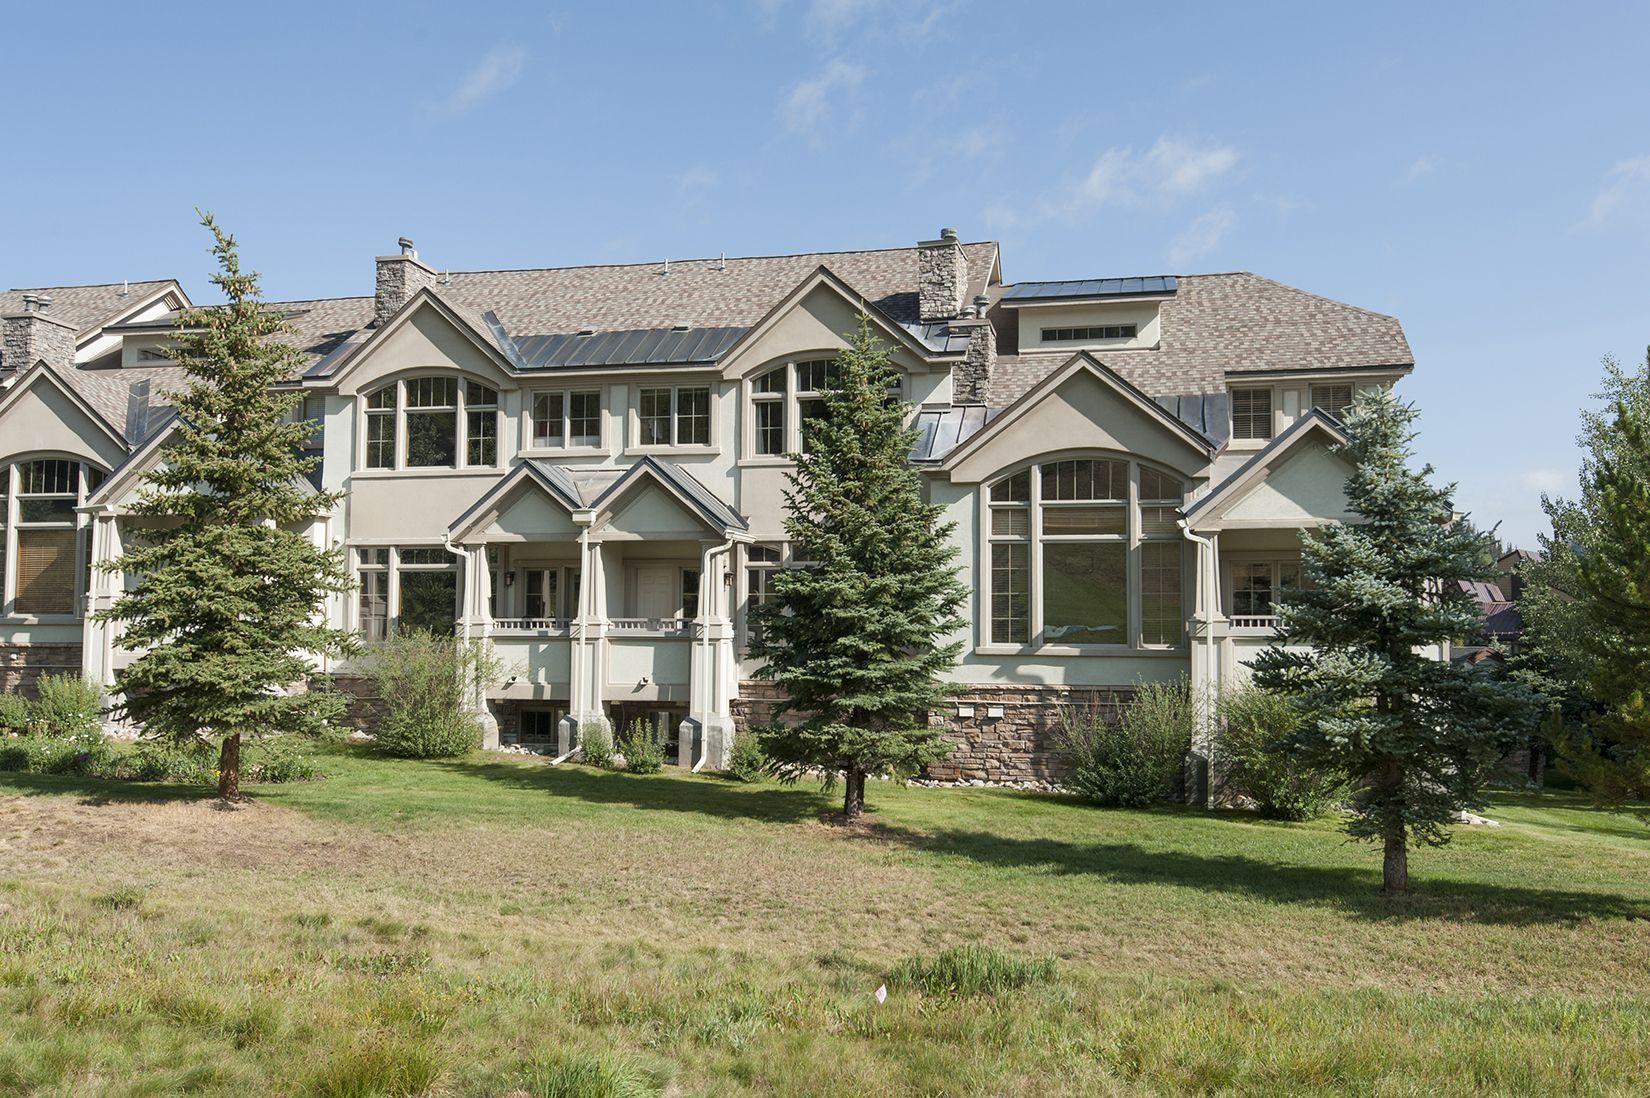 214 Wheeler PLACE # 7 COPPER MOUNTAIN, Colorado 80443